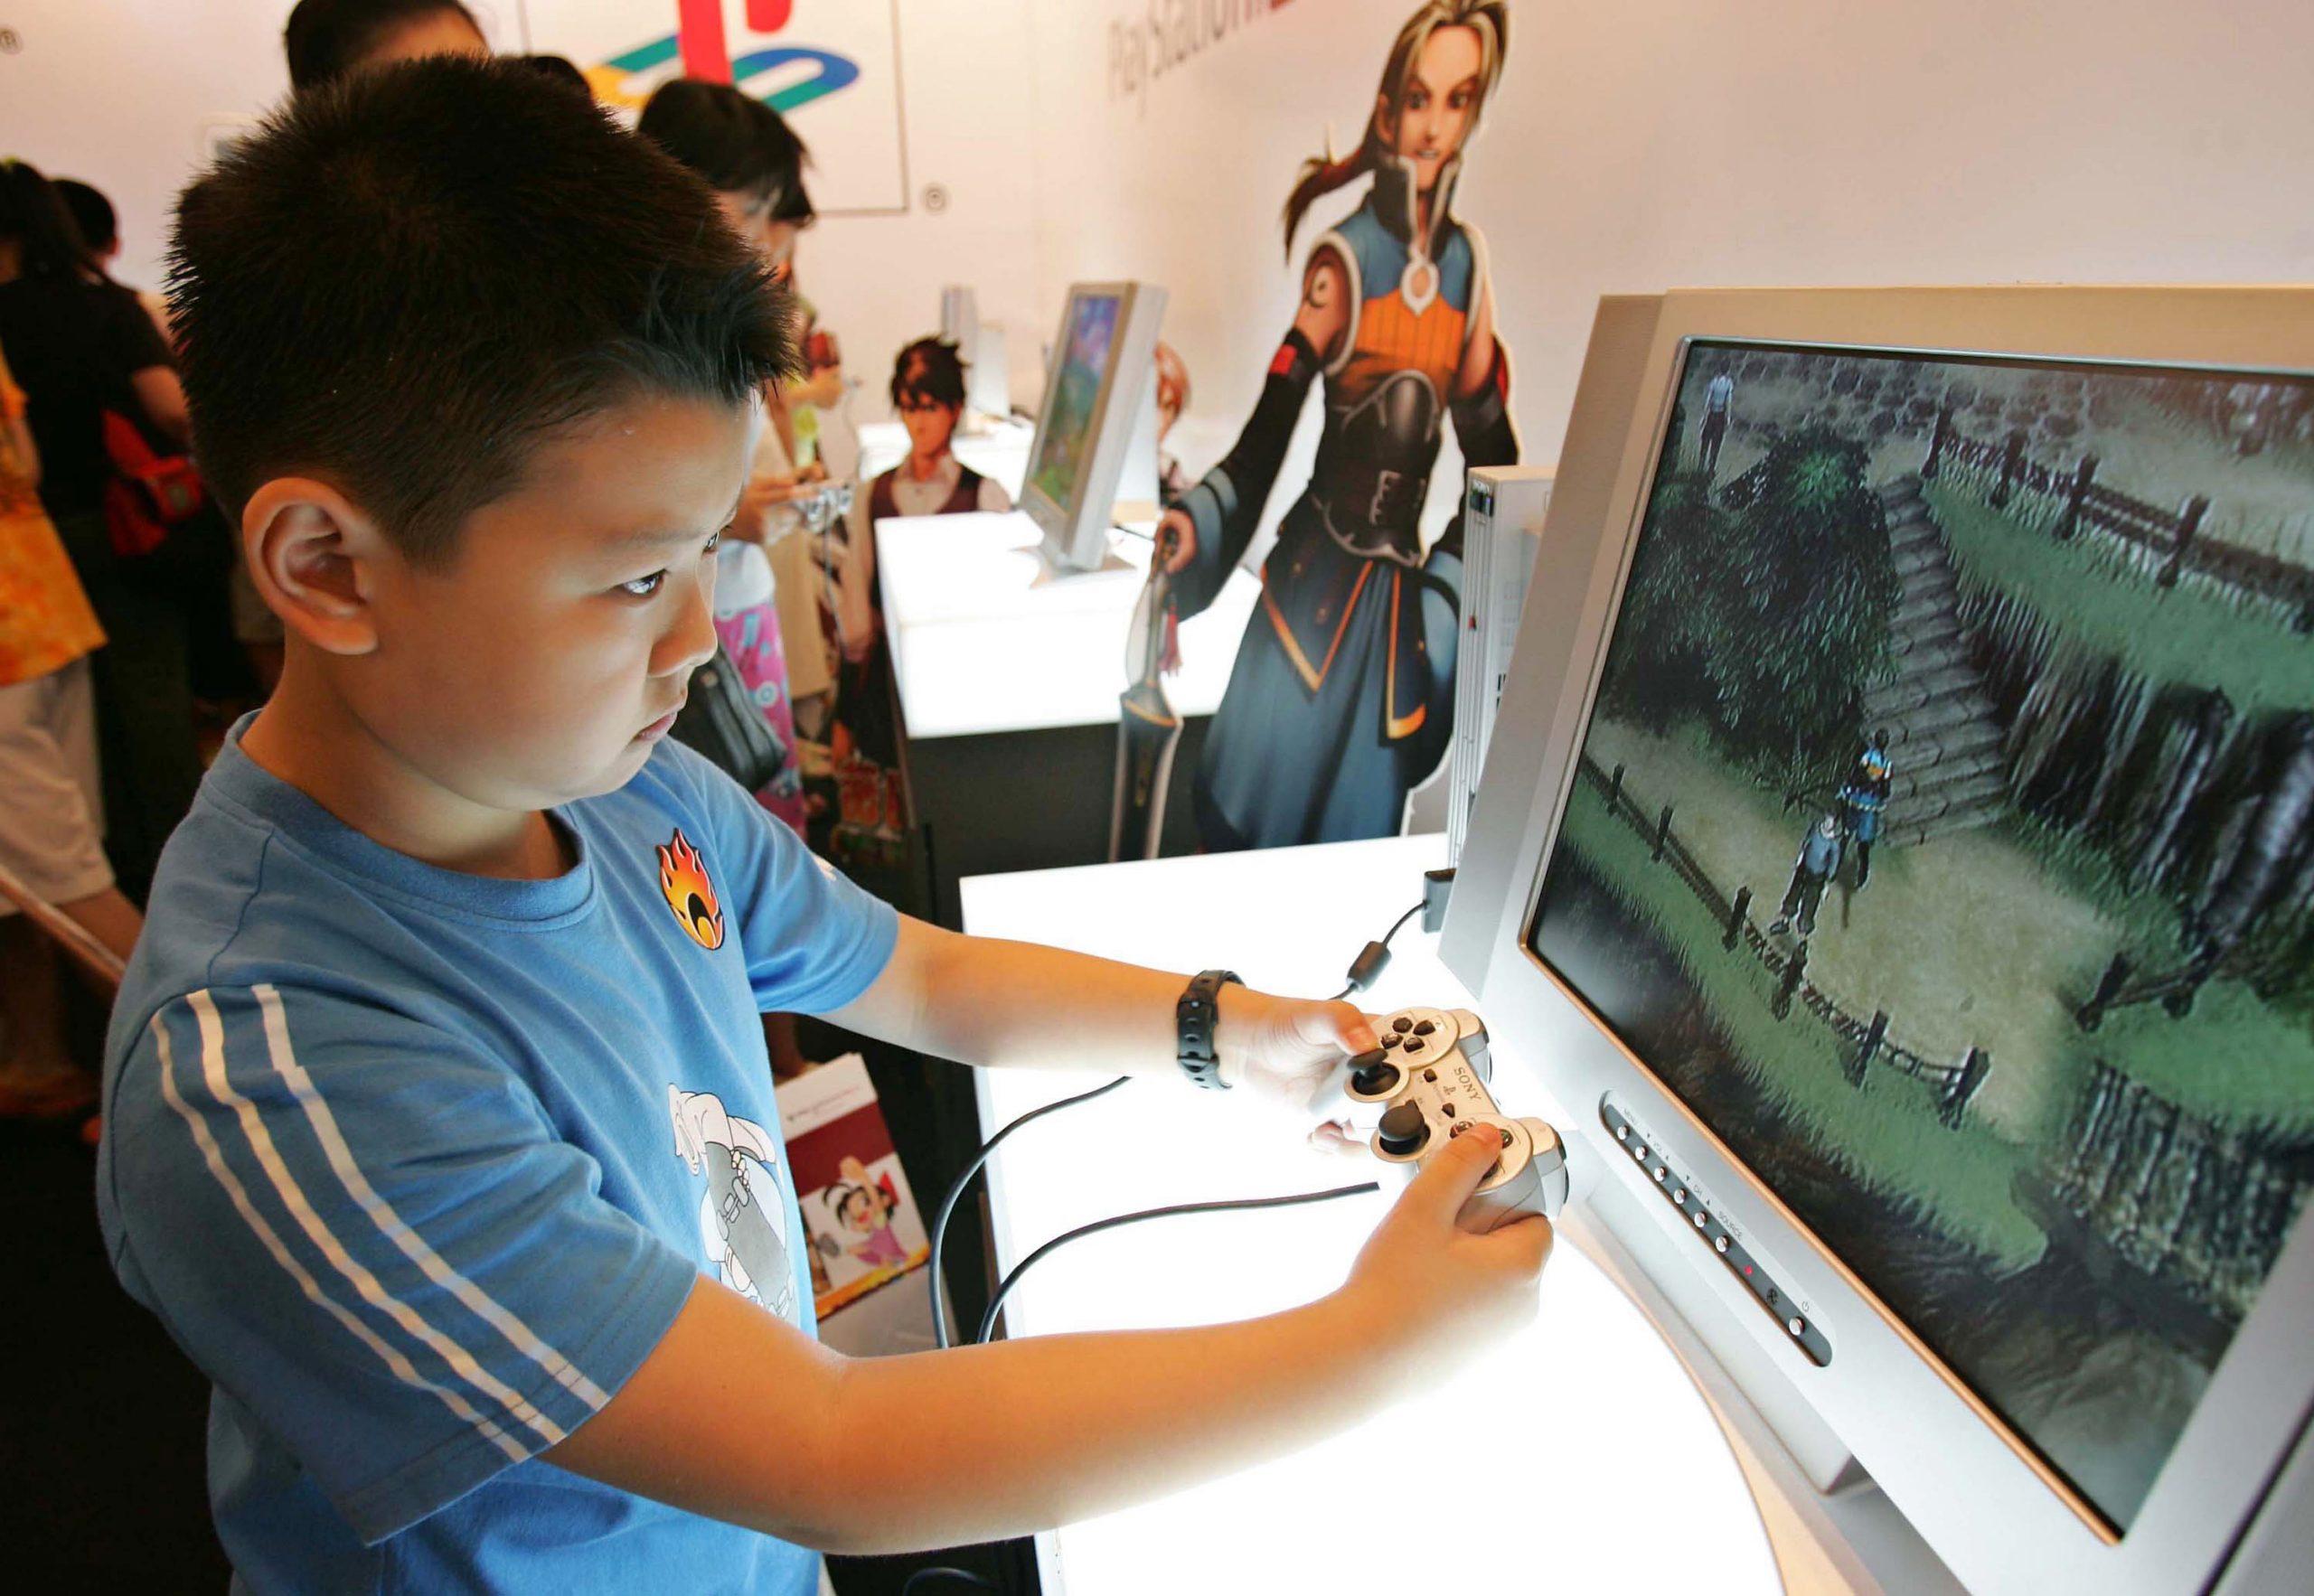 Có thể hiểu game gần như là một loại ma túy, nó mê hoặc đầu não con người bằng những tín hiệu điện tử. (Getty Images)